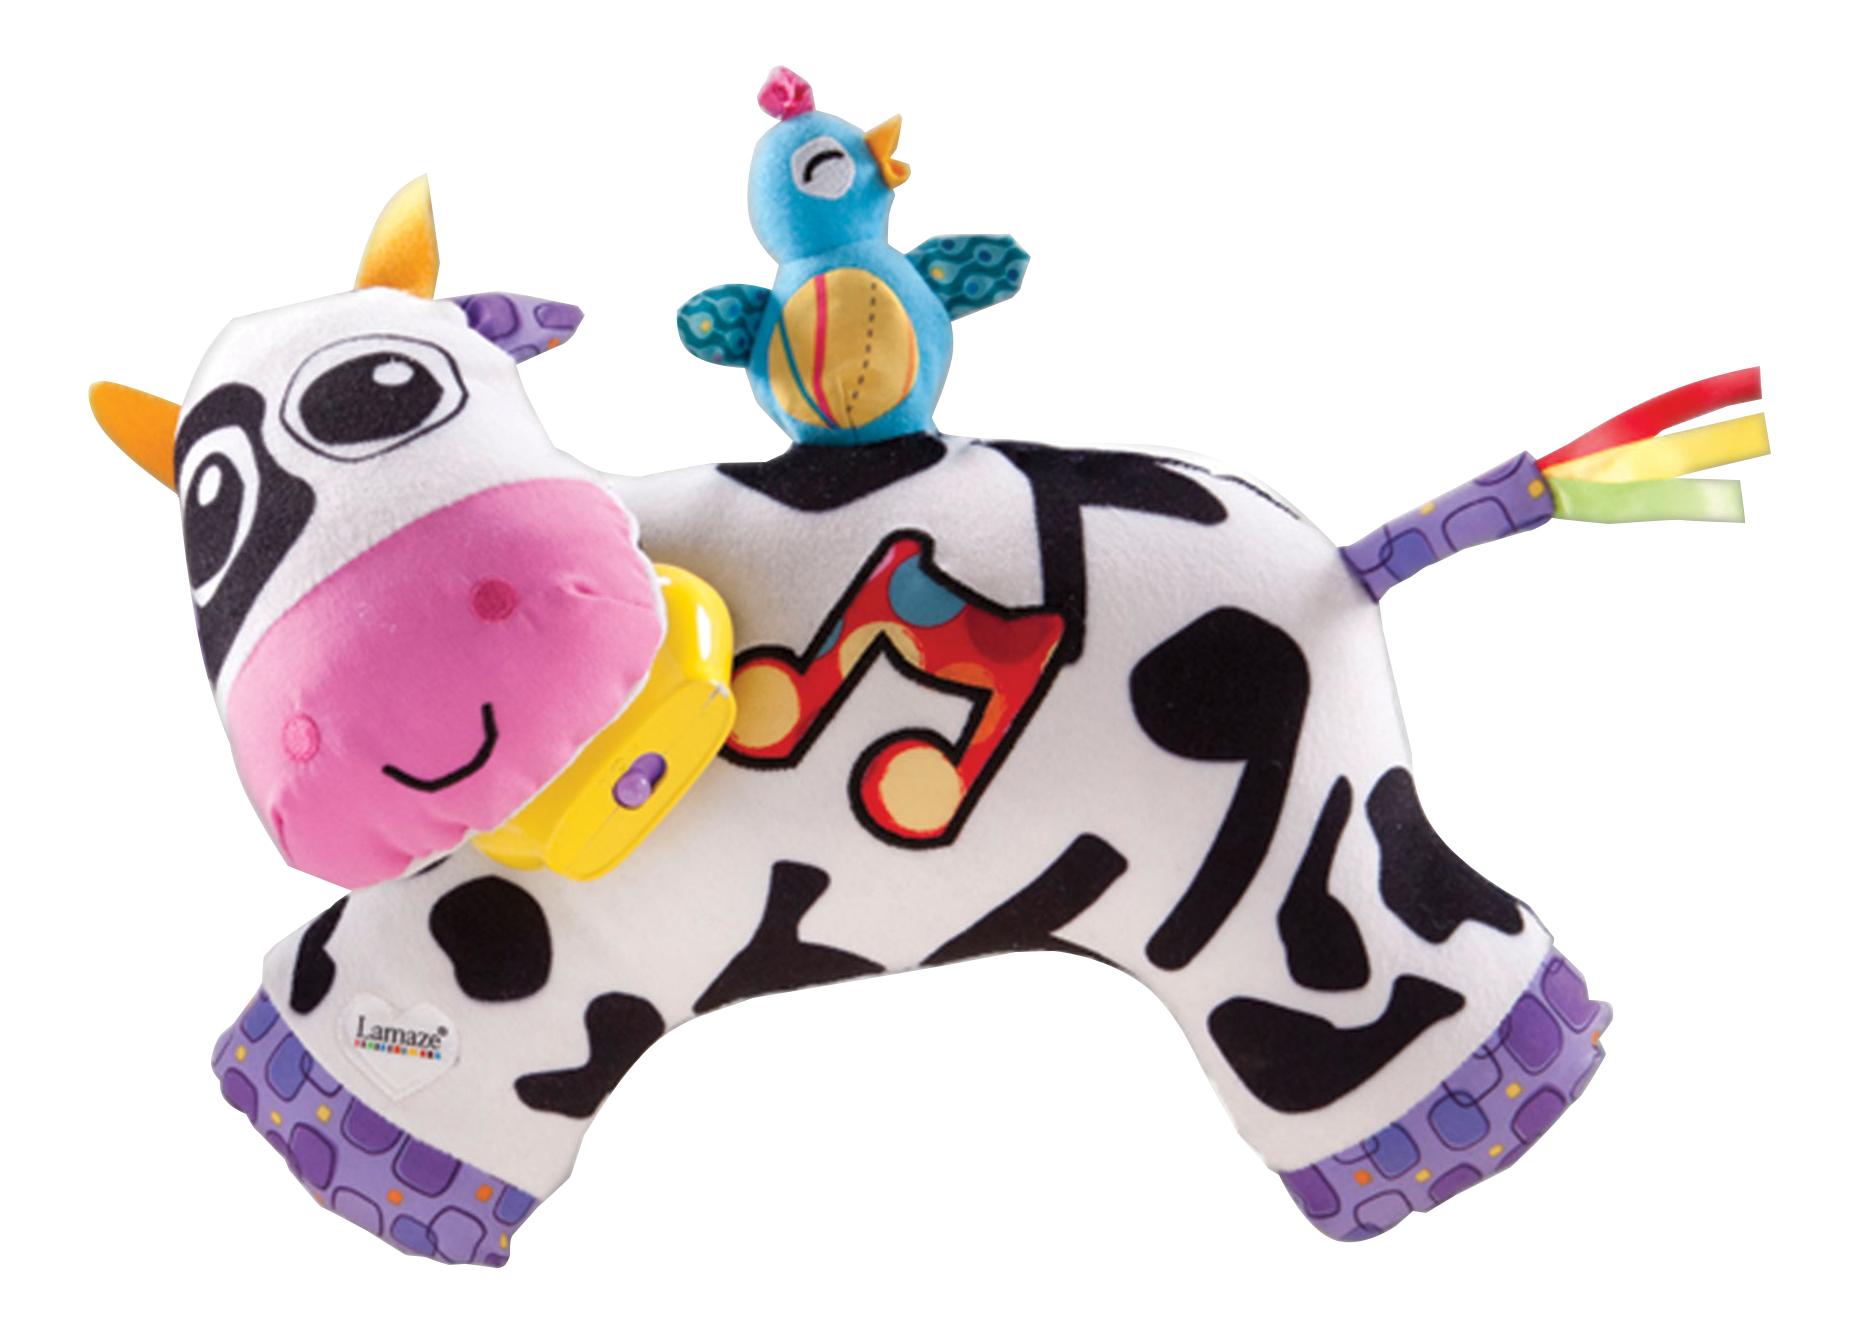 Купить Коровка, Мягкая игрушка Lamaze Музыкальная коровка, Интерактивные мягкие игрушки